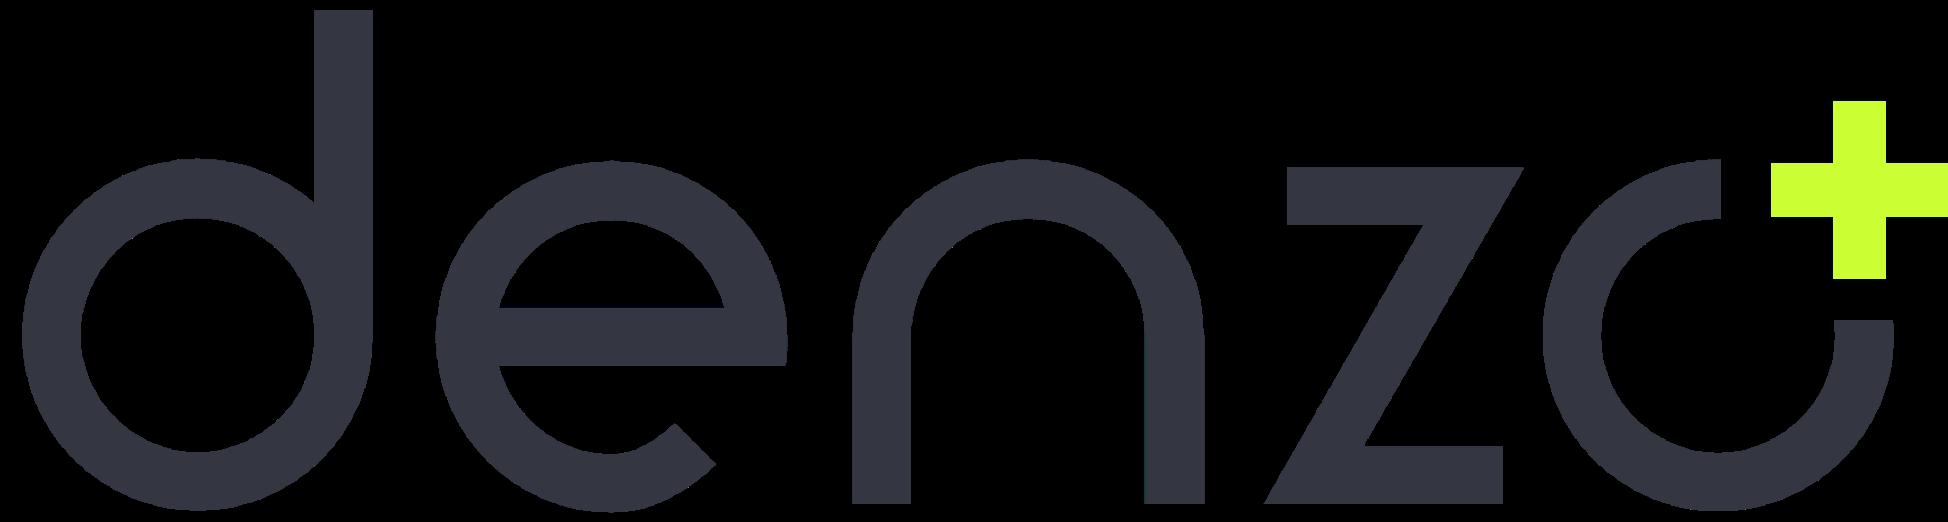 Denzo_Logo_v01